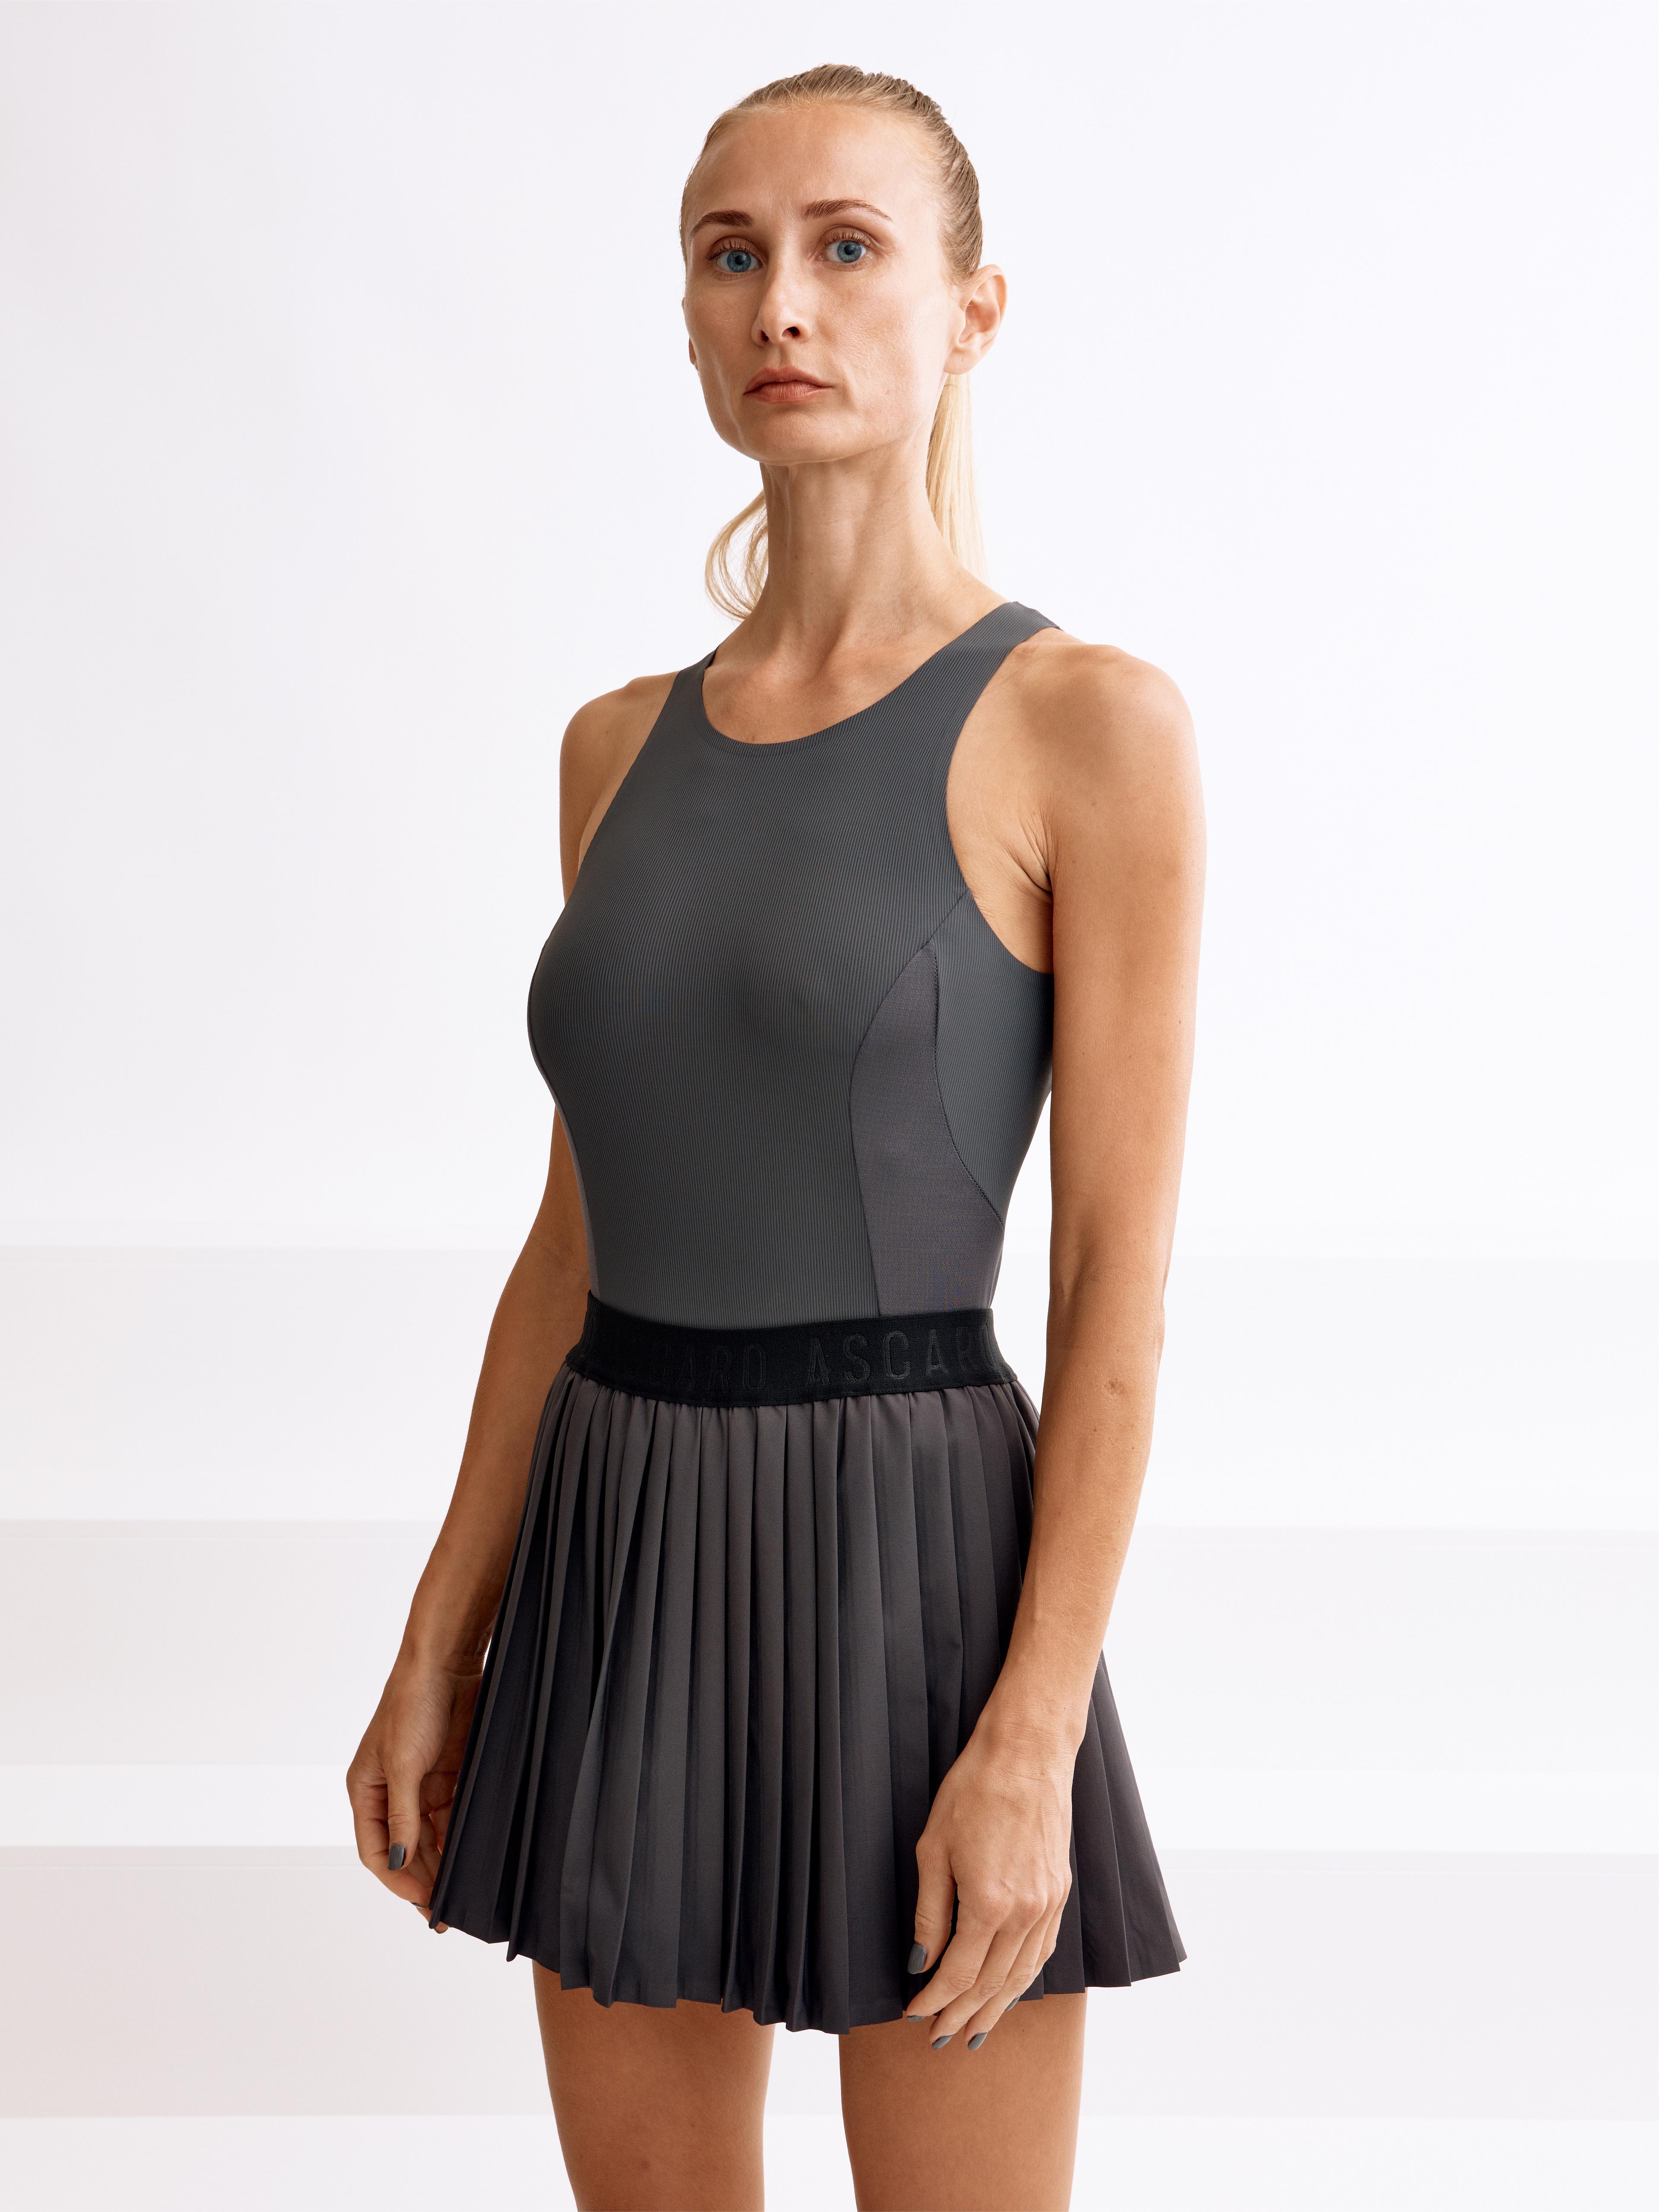 Jungfrusund Padel Skirt